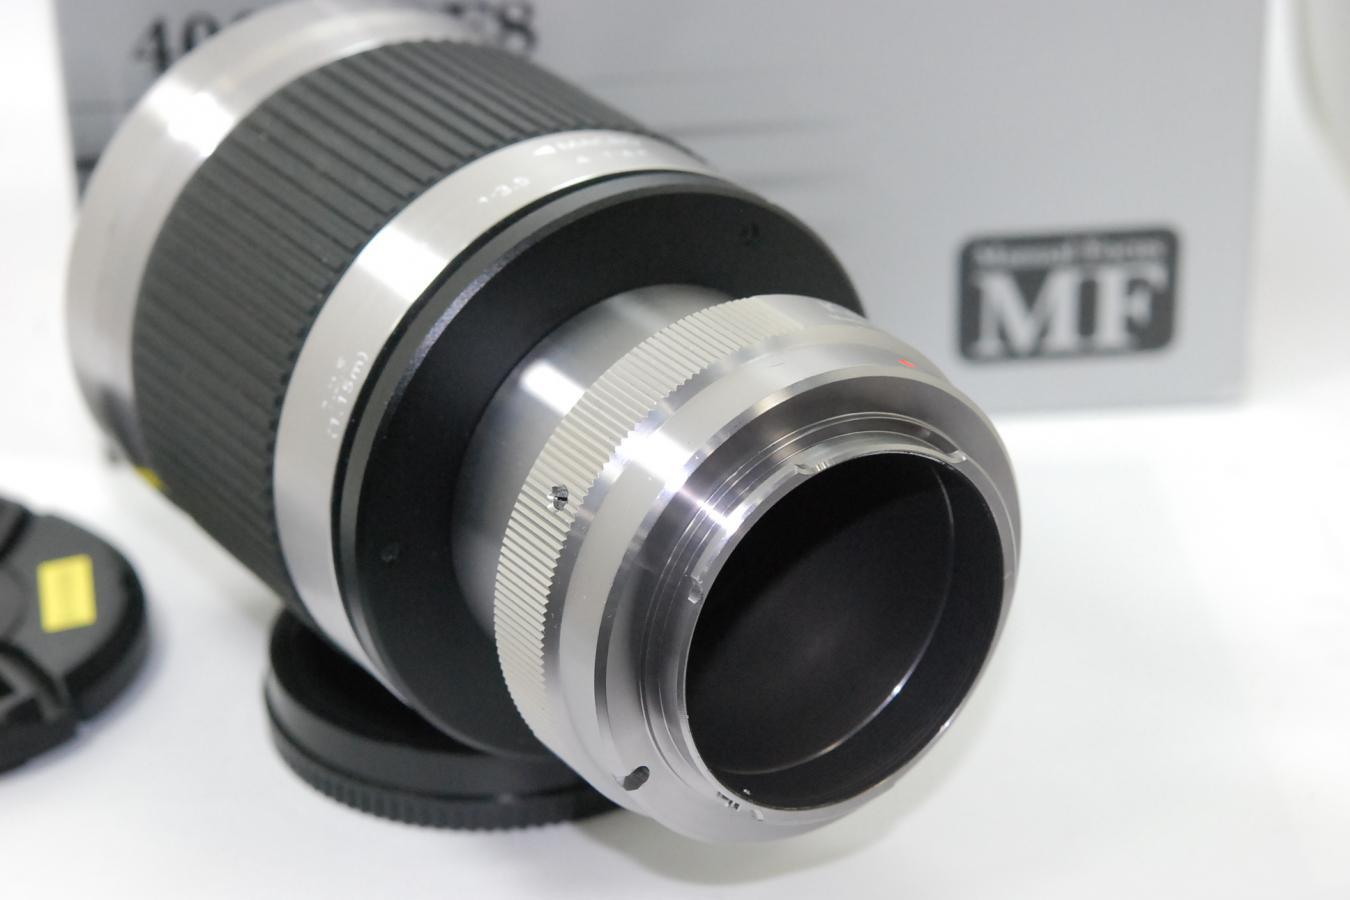 ケンコー MIRROR LENS 400mm F8 モデル:KF-M400S 元箱付 【ソニーEマウントレンズ】